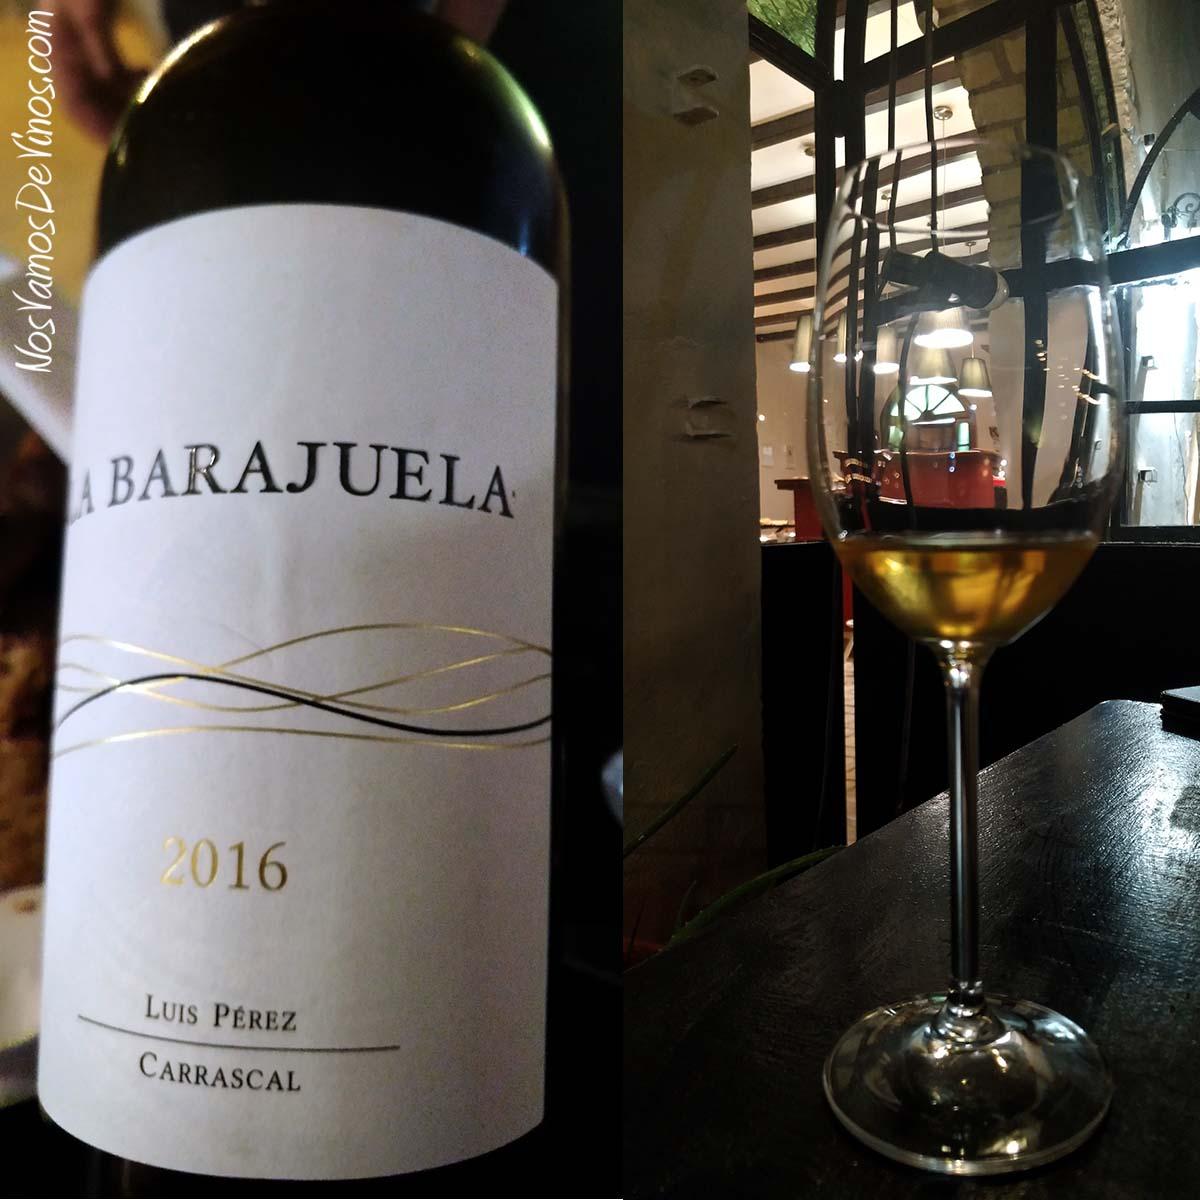 La Barajuela Fino 2016